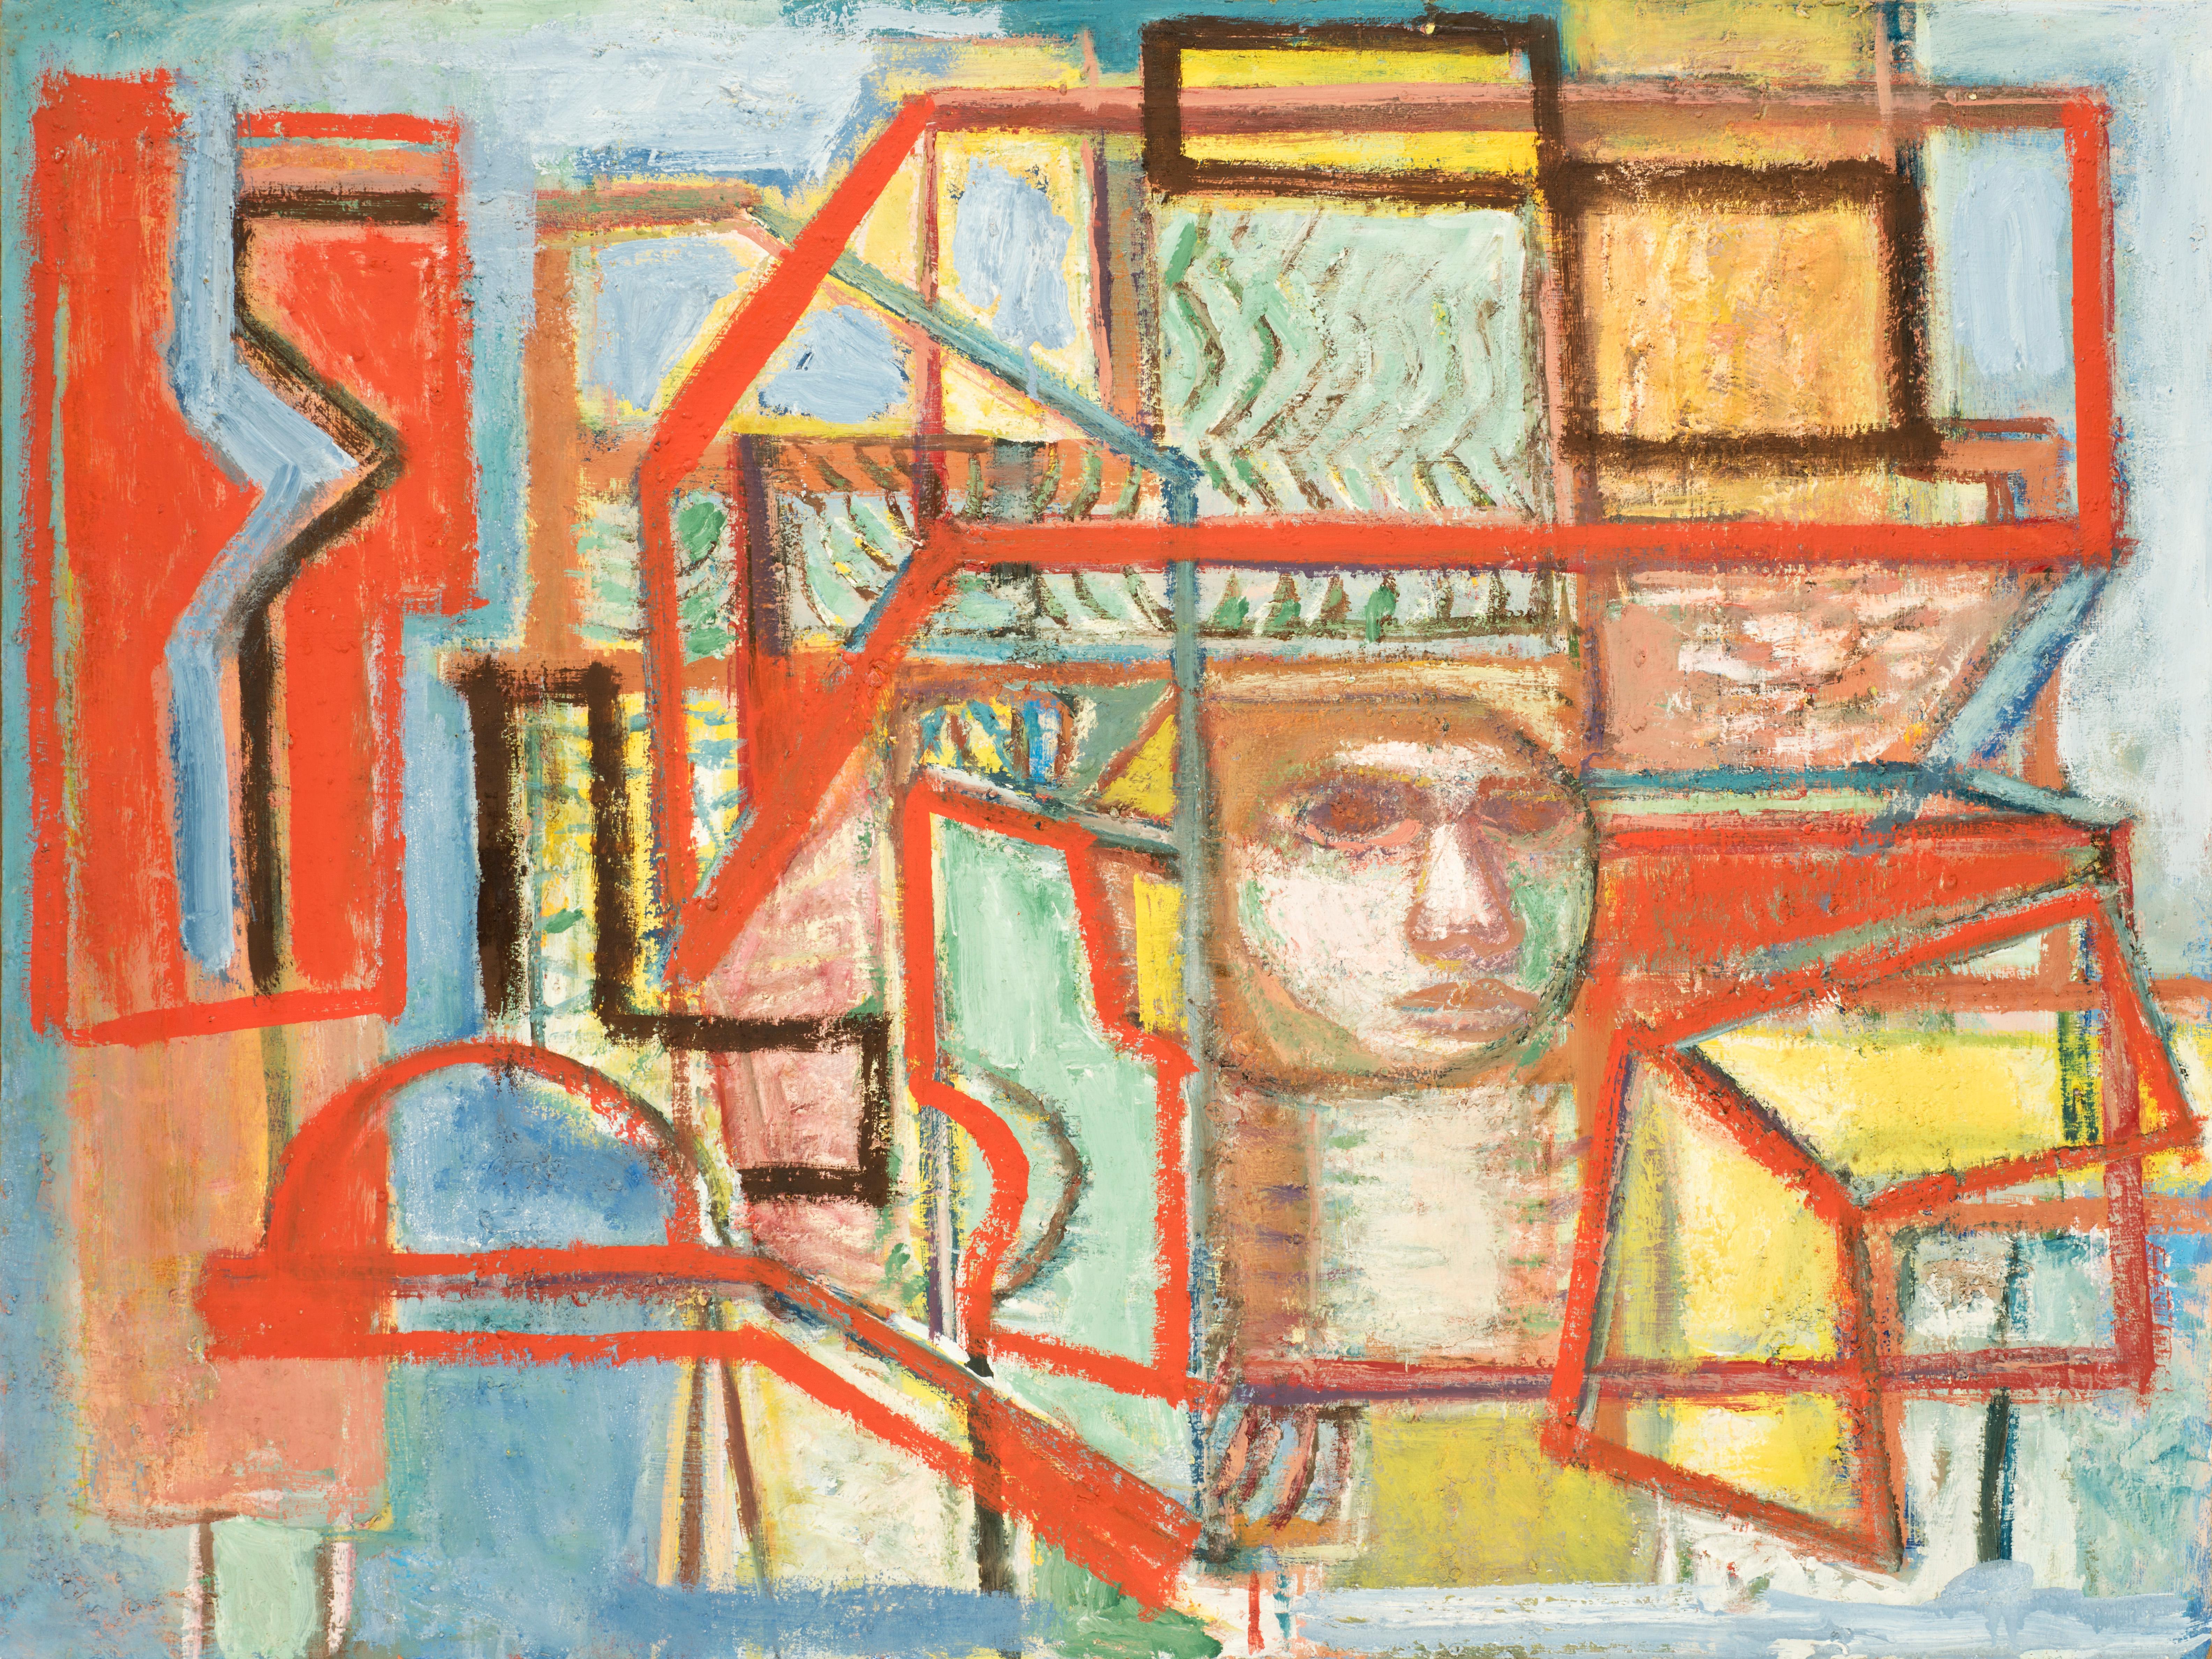 Emerging Entity, c. 1985